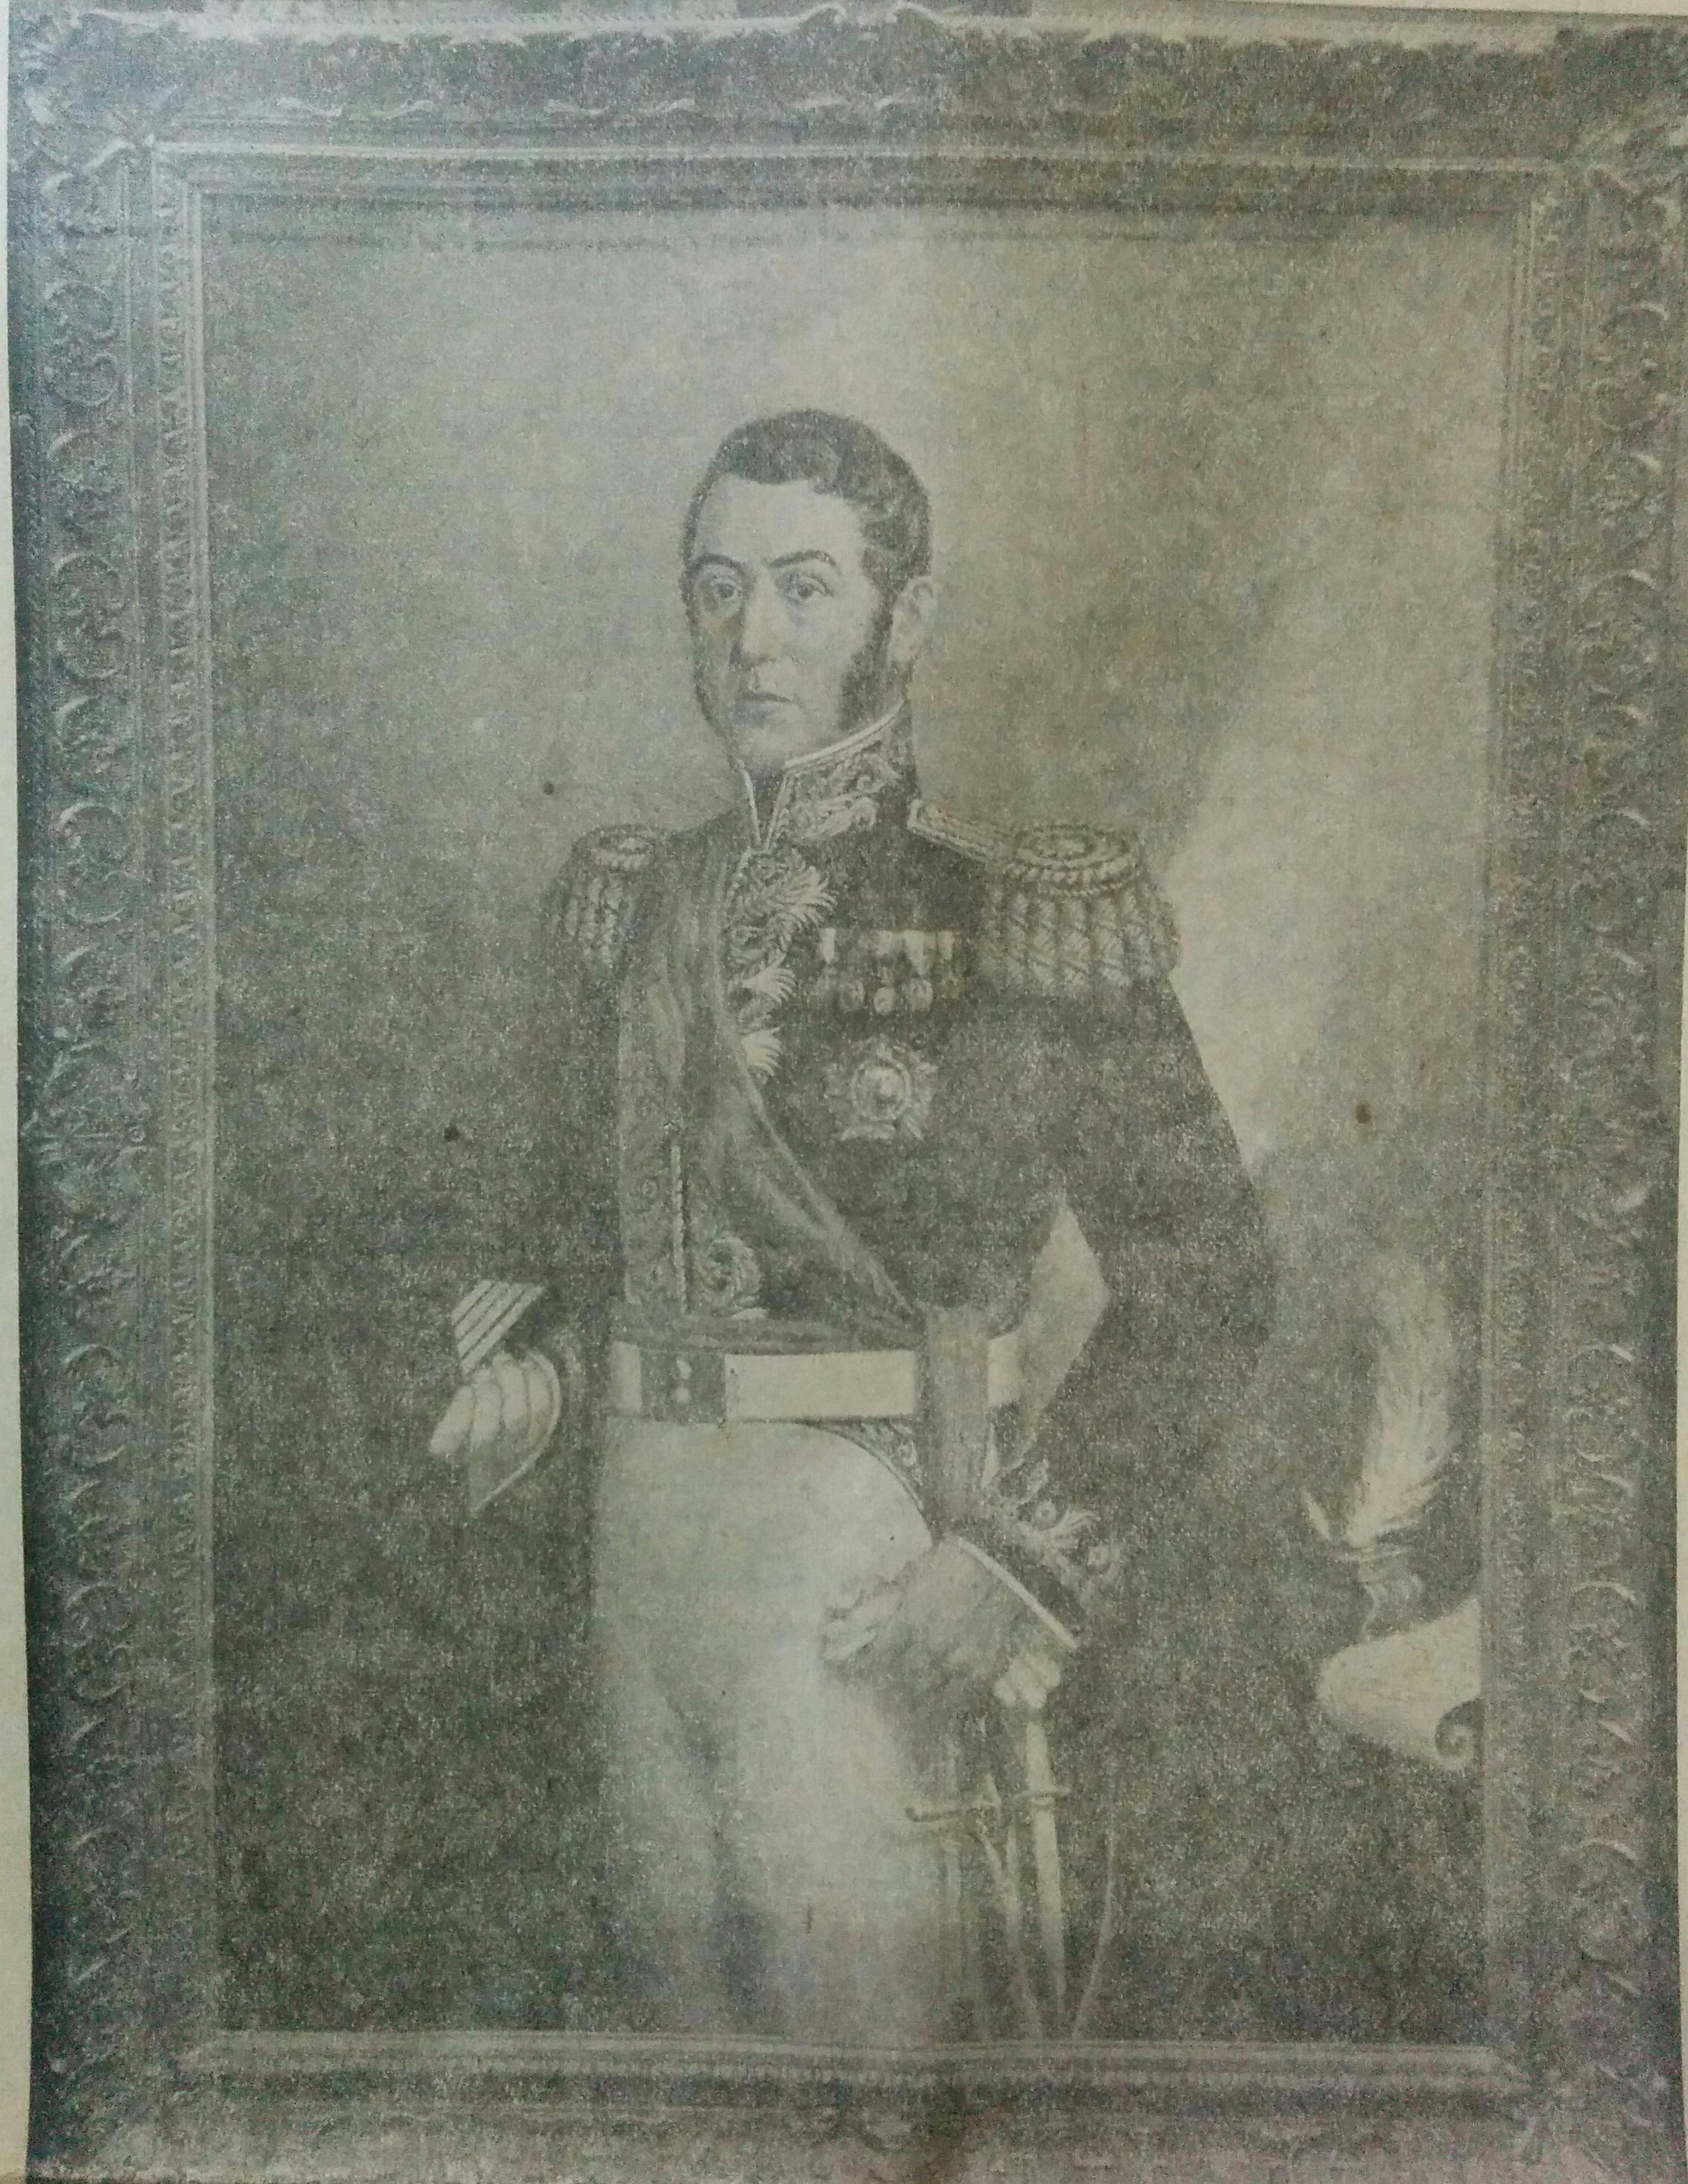 Retrato del General San Martín, perteneciente al artista plástico y docente argentino, profesor Edelmiro Volta (1901-1970), quien ejerció la enseñanza, aquí en nuestra ciudad, en las décadas de 1940 y 1950.